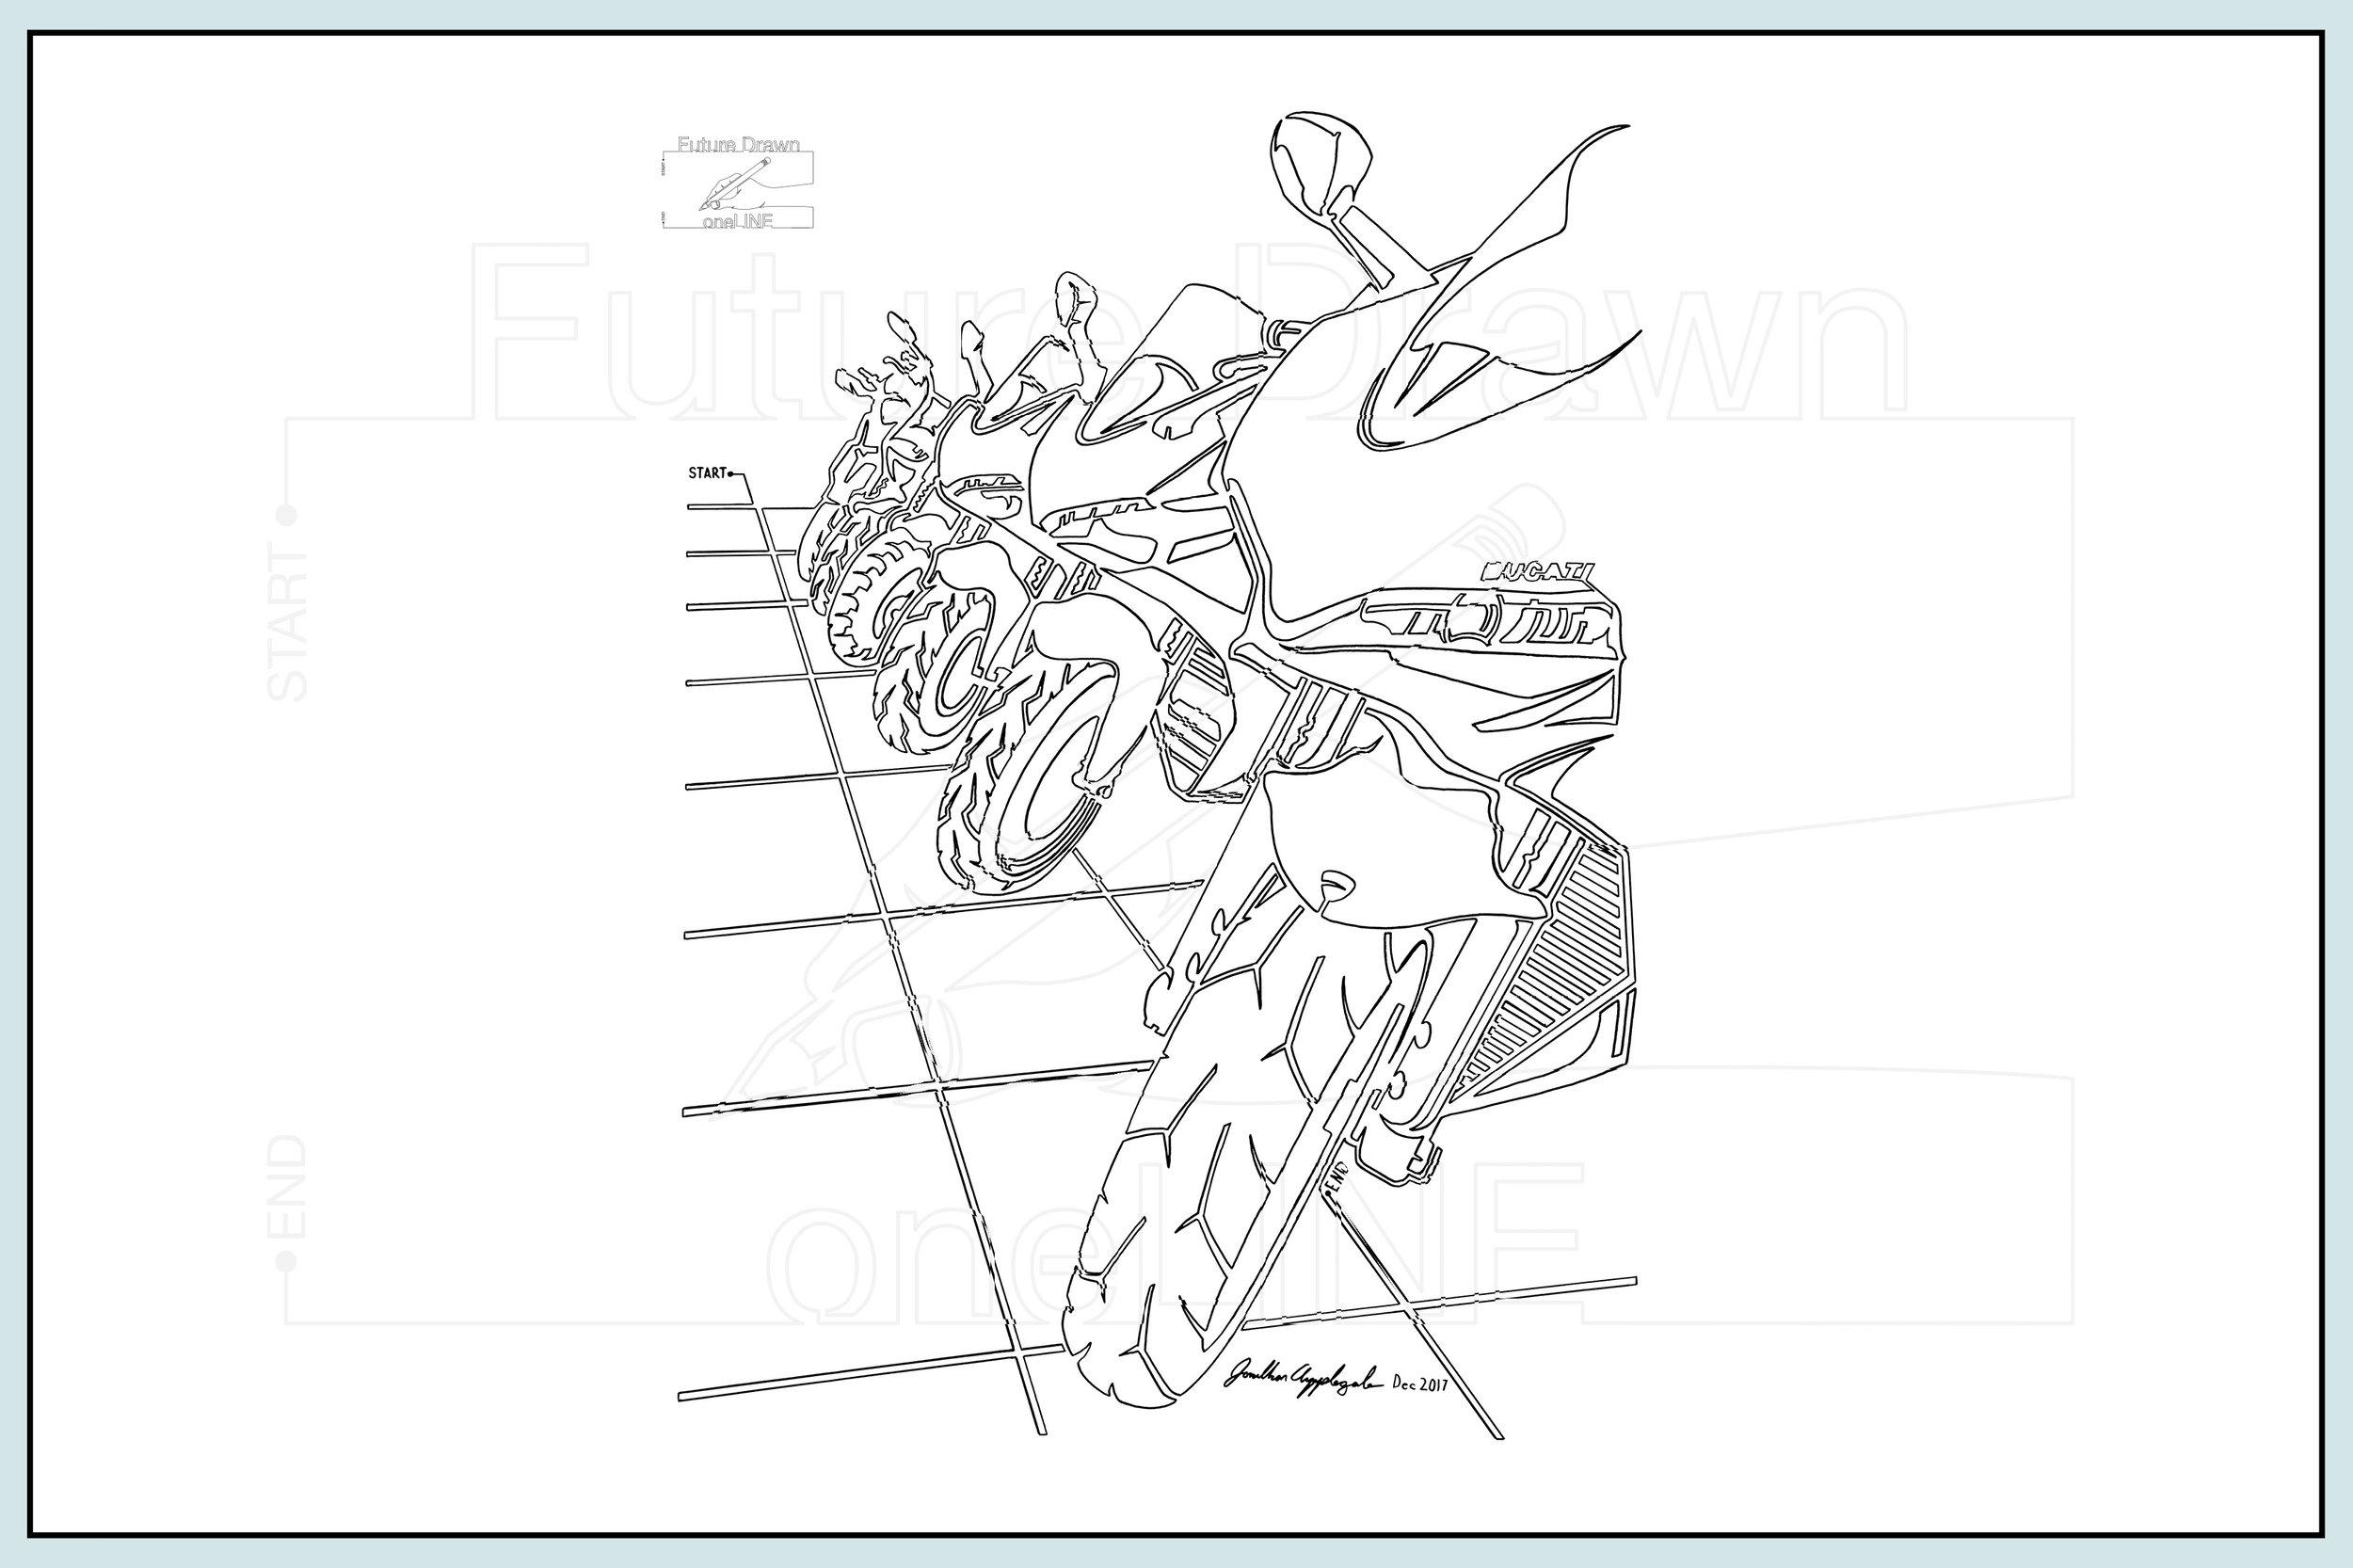 Web- Row of Ducatis- oneLINE Future Drawn Applegate.jpg